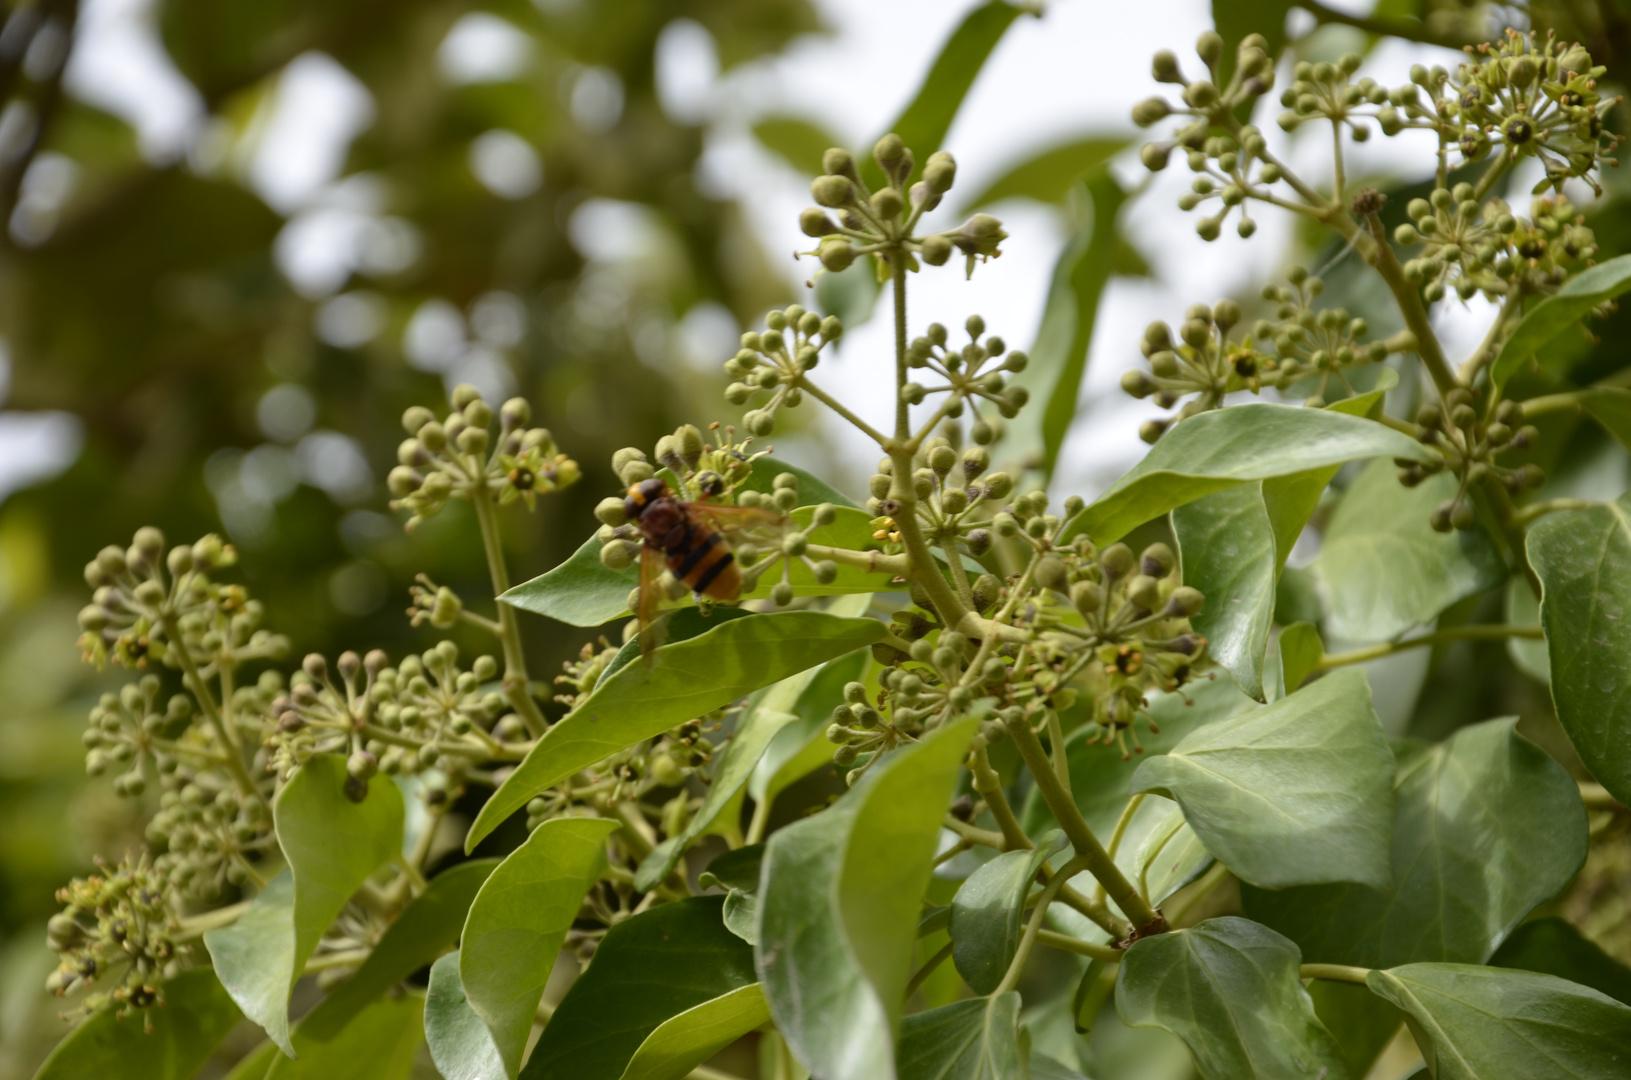 Maya, la abeja.